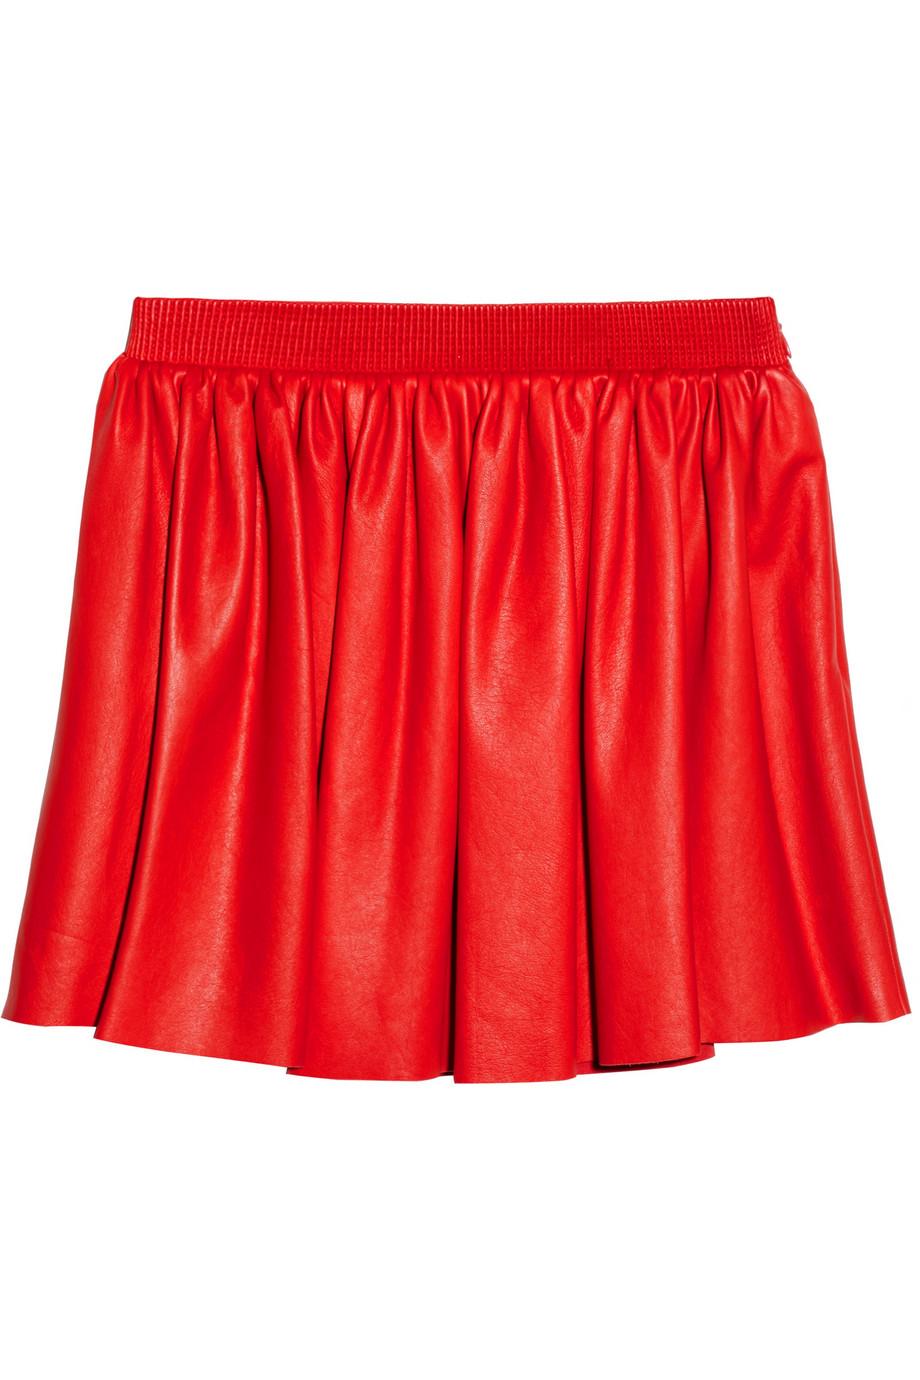 miu miu pleated leather mini skirt in lyst